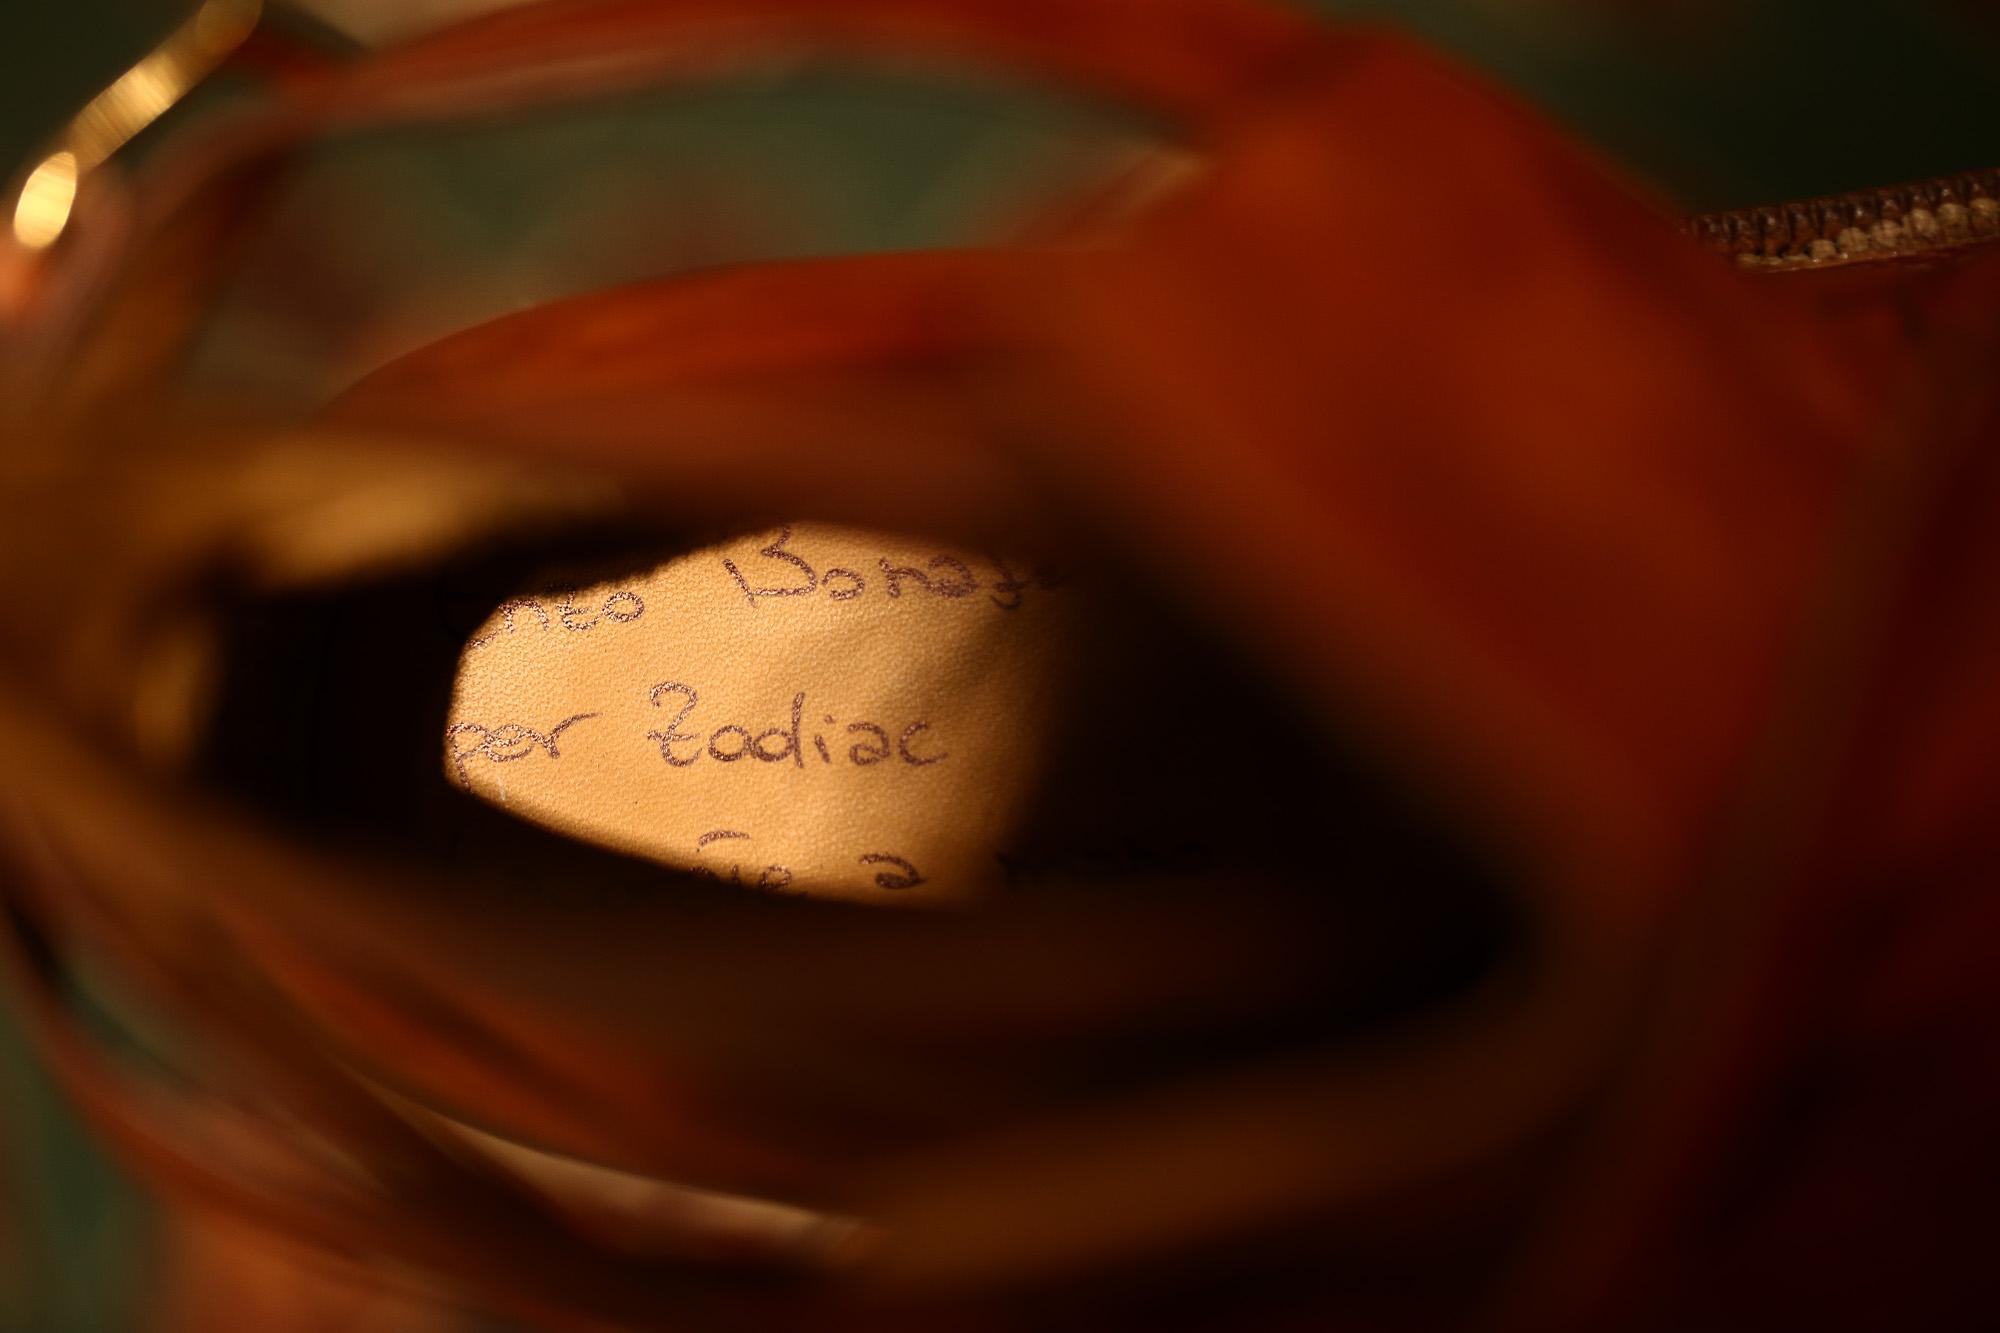 ENZO BONAFE (エンツォボナフェ) 【ART.EB-13】 Jodhpur boots BONAUDO MUSEUM CALF LEATHER ボナウド社ミュージアムカーフレザー ジョッパーブーツ NEW GOLD (ニューゴールド) made in italy (イタリア製) 2018 春夏 enozbonafe eb13 ジョッパーブーツ ブーツ 愛知 名古屋 ZODIAC ゾディアック